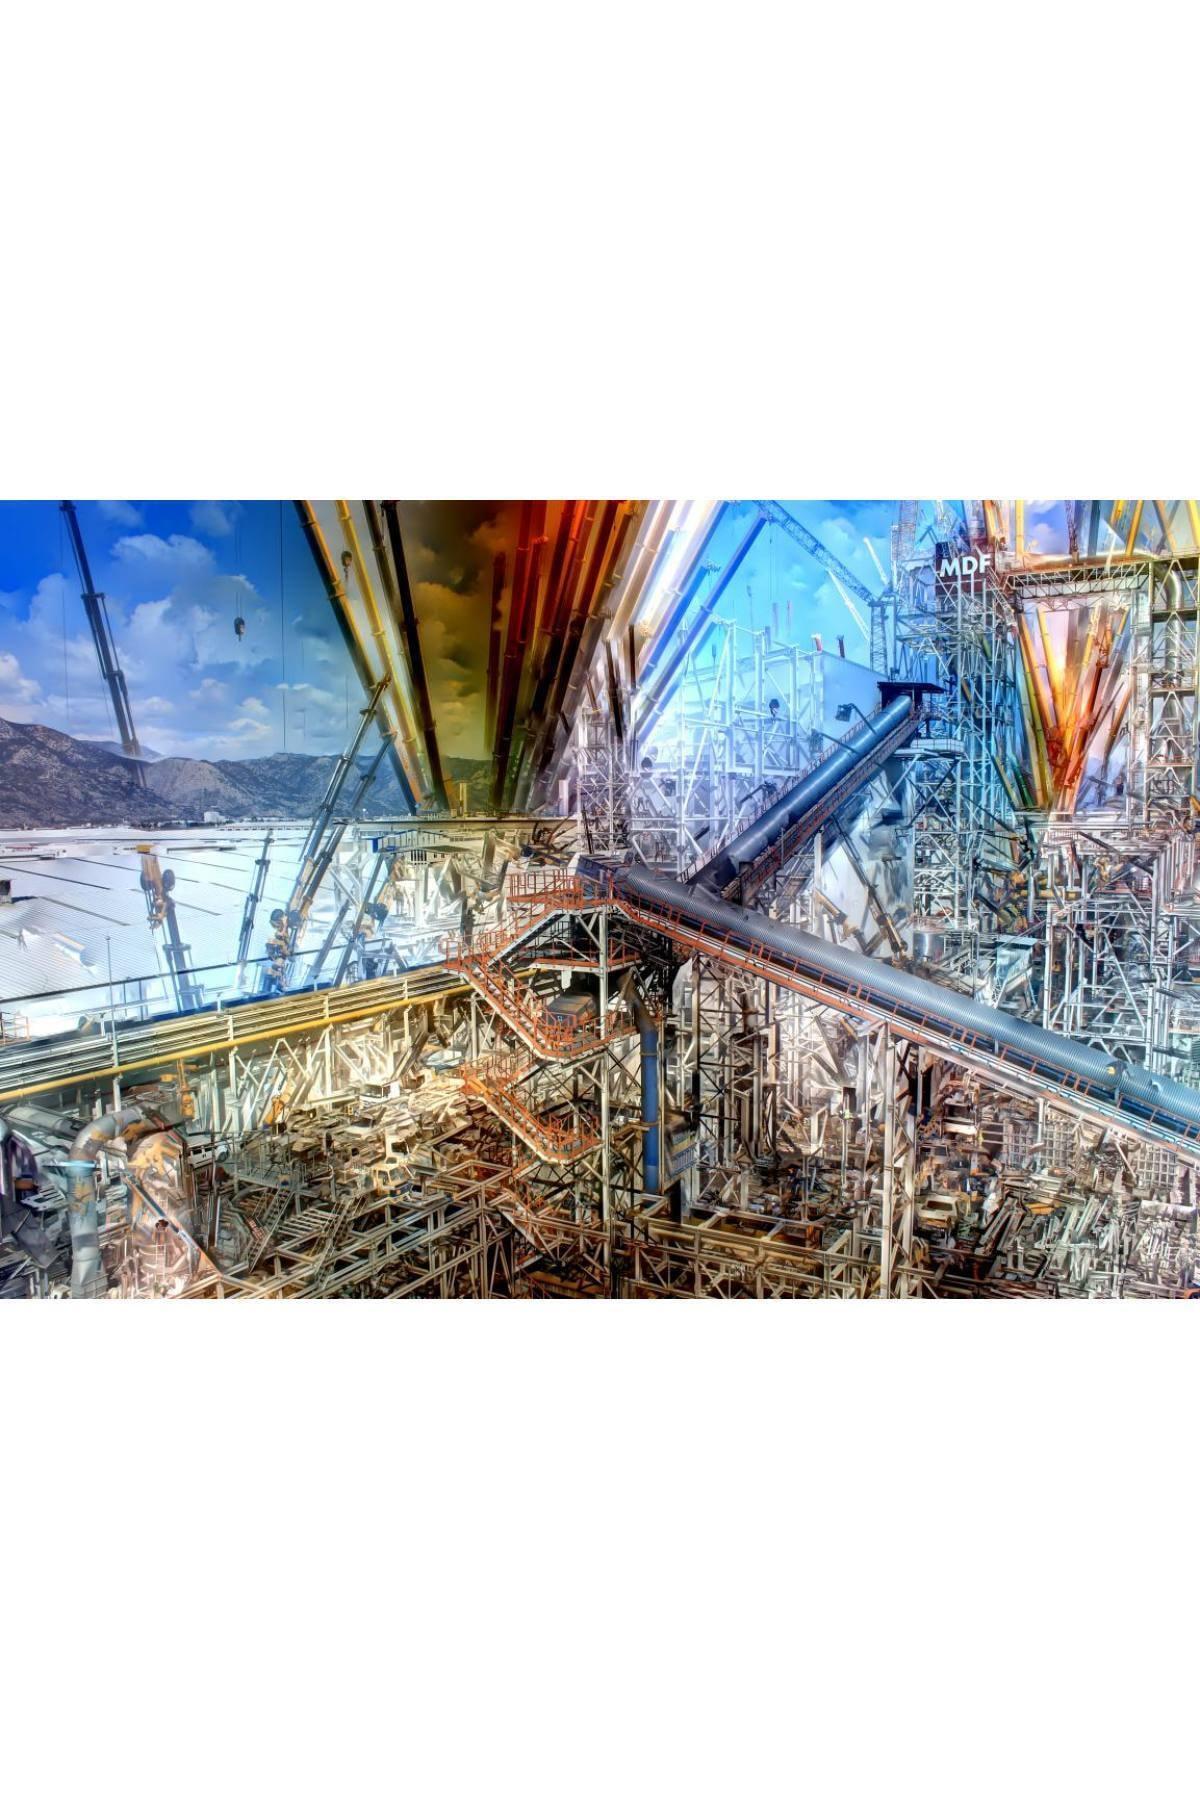 Tolga Akbaş Höyük 8, 70x100, Fotoğraf 1